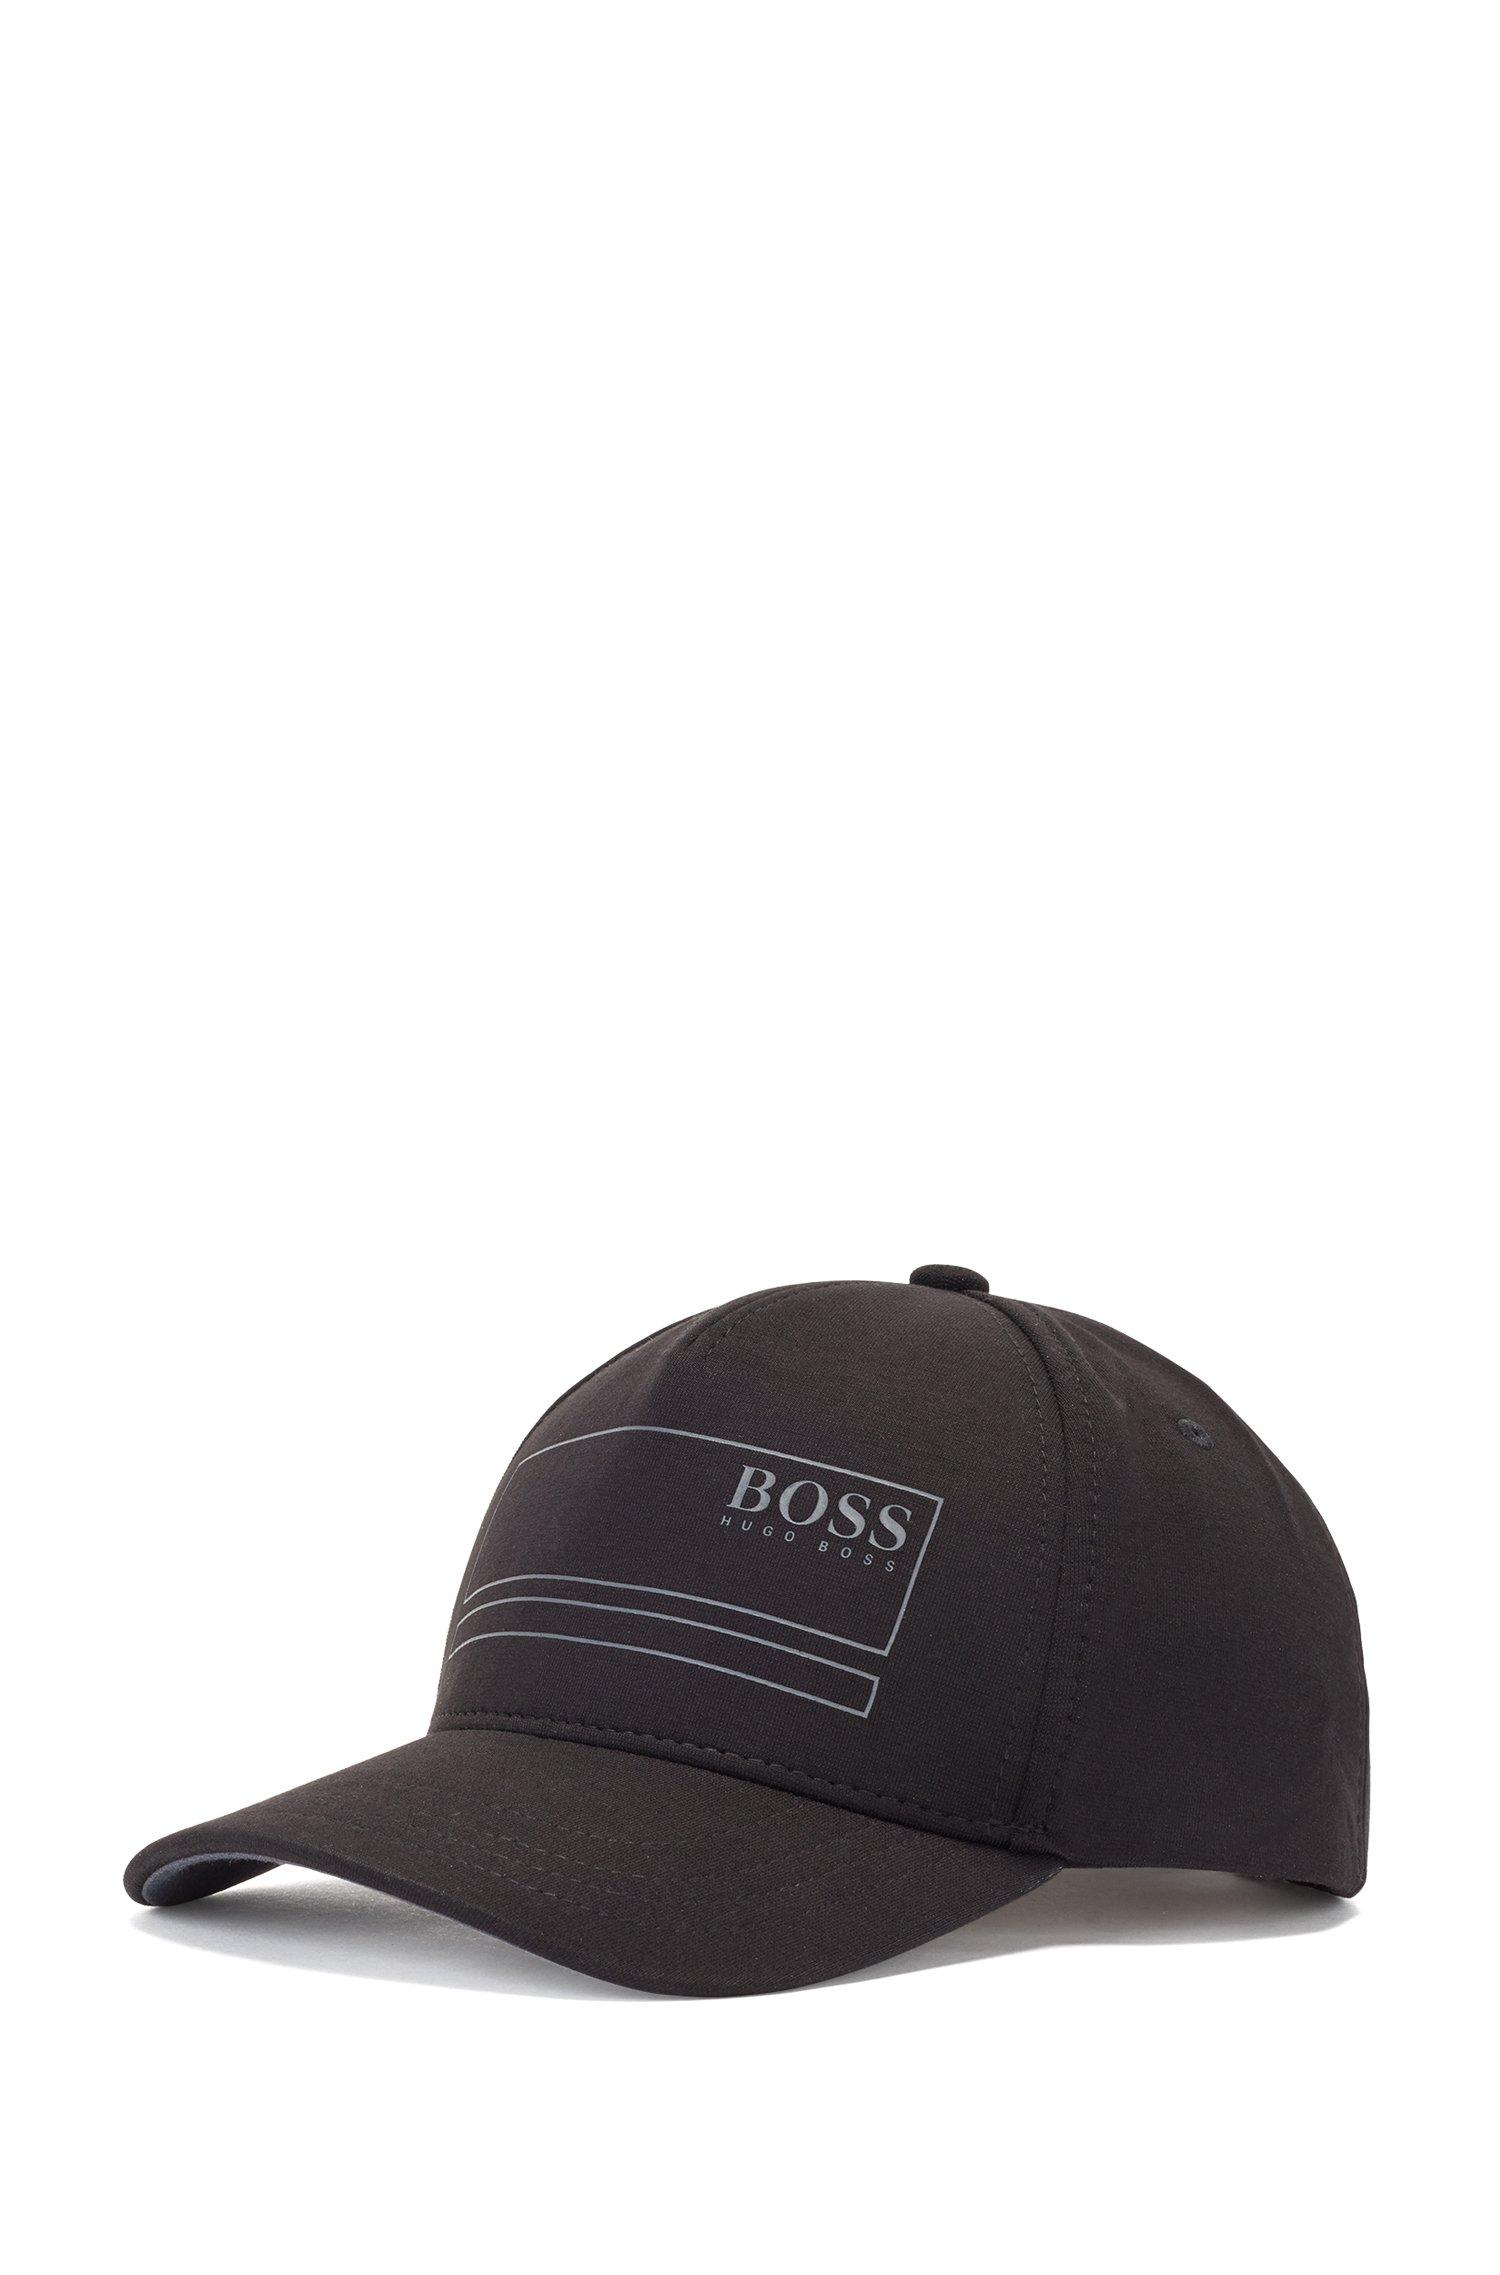 Cotton-blend cap with contrast logo print, Black